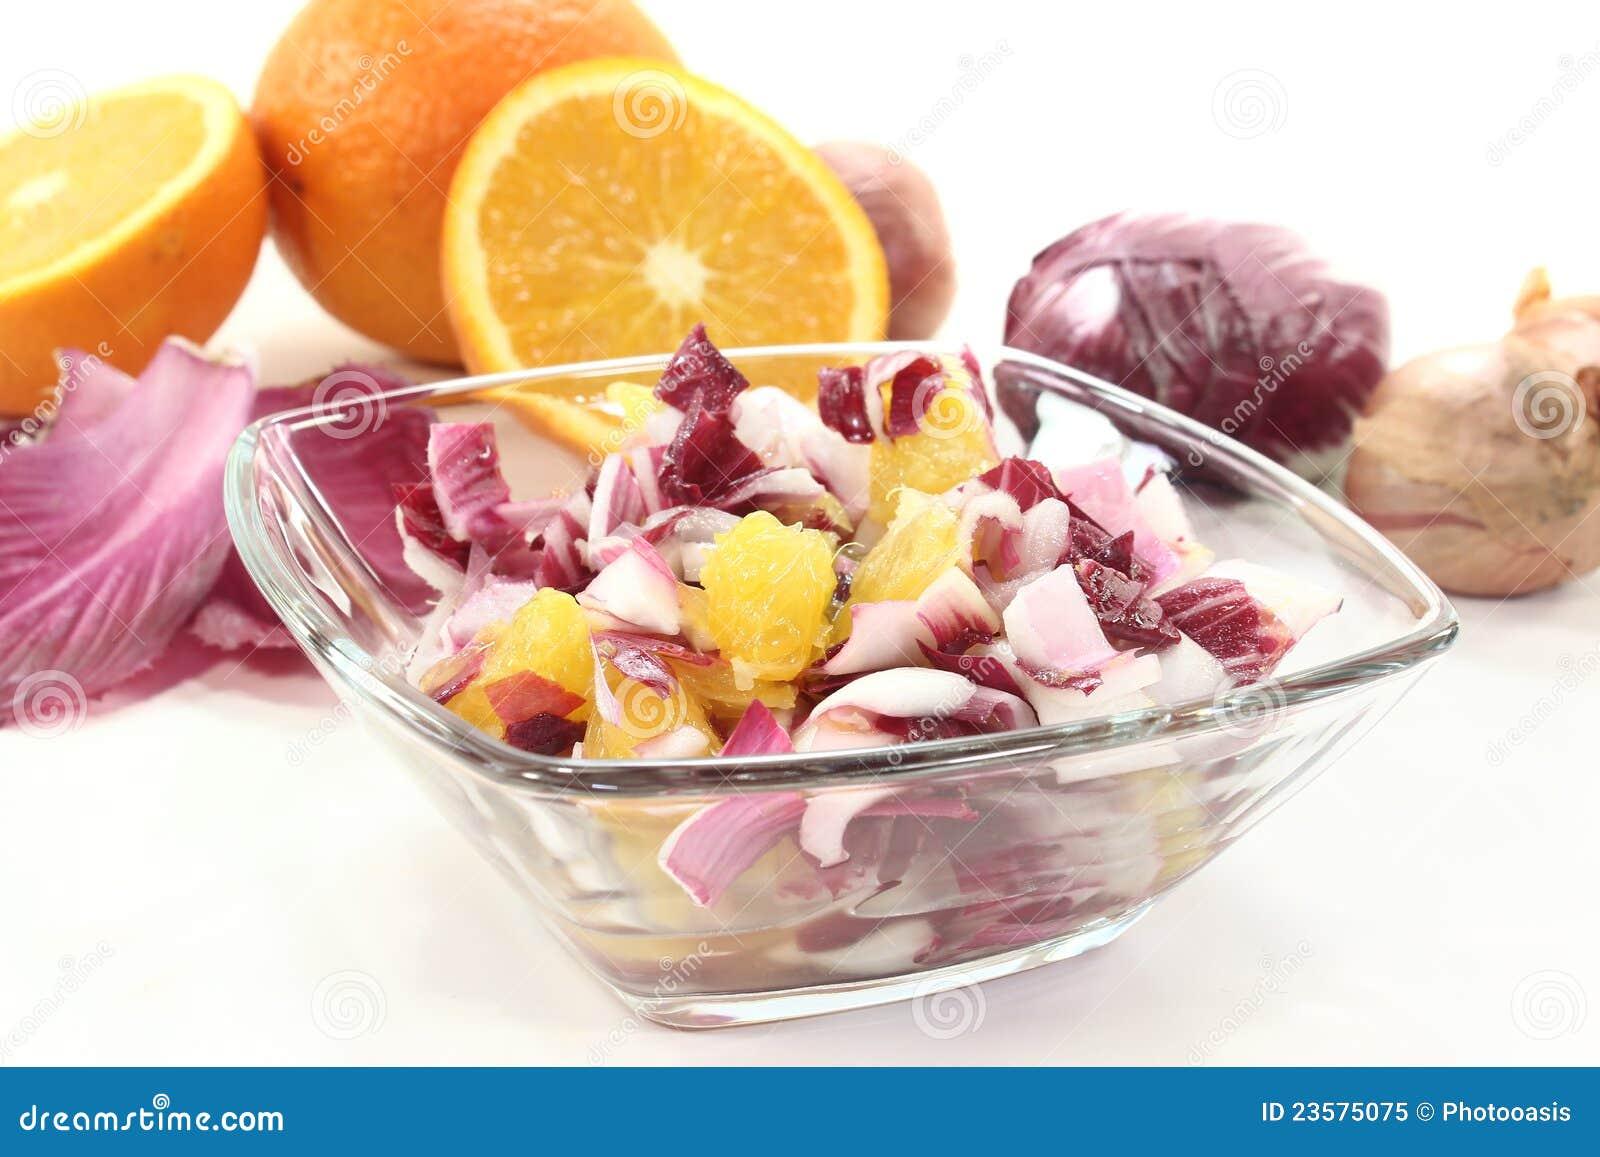 De salade van het witlof stock afbeelding afbeelding for Vers de salade